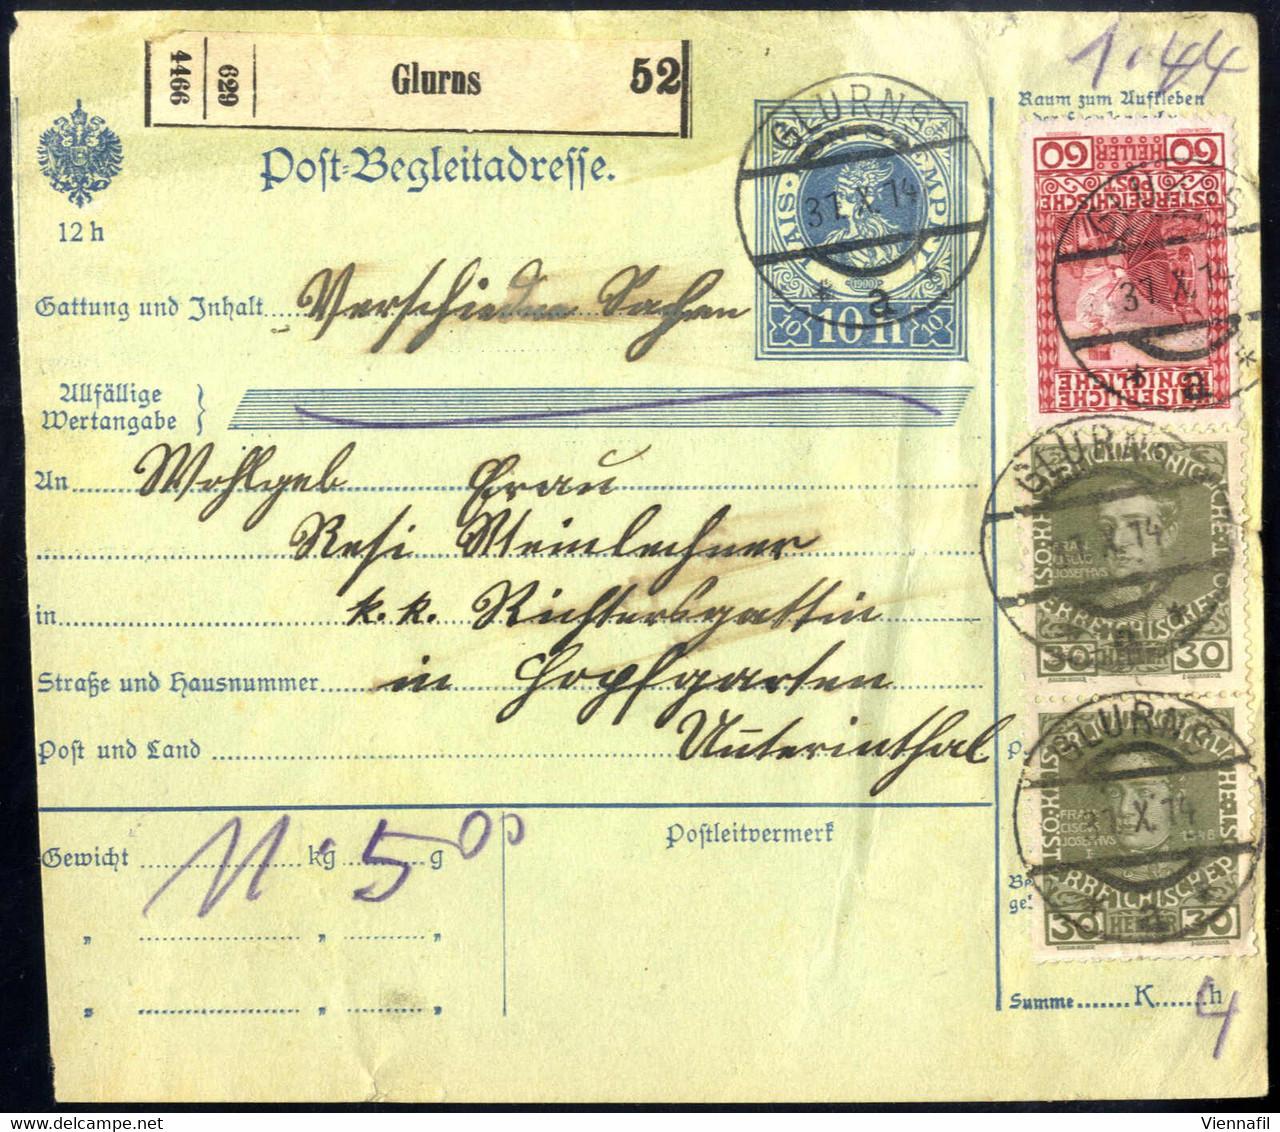 """Cover """"Glurns 31.10.14"""", Postbegleitadresse Mit 148 Heller Frankiert, ANK 143+148+151 - Affrancature Meccaniche Rosse (EMA)"""